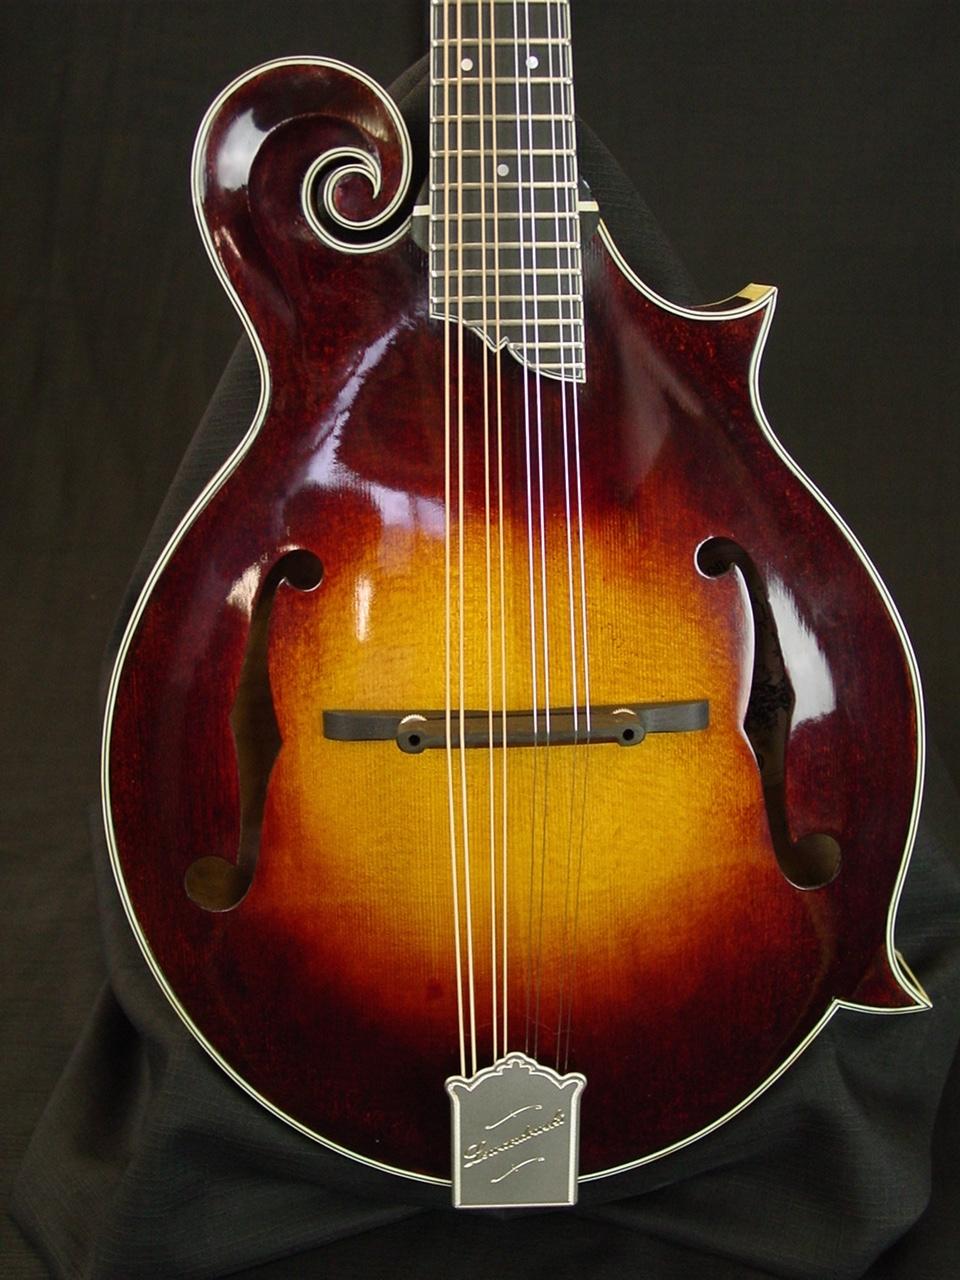 river f5 mandolin Mike P. demo stock f5 014 016 002